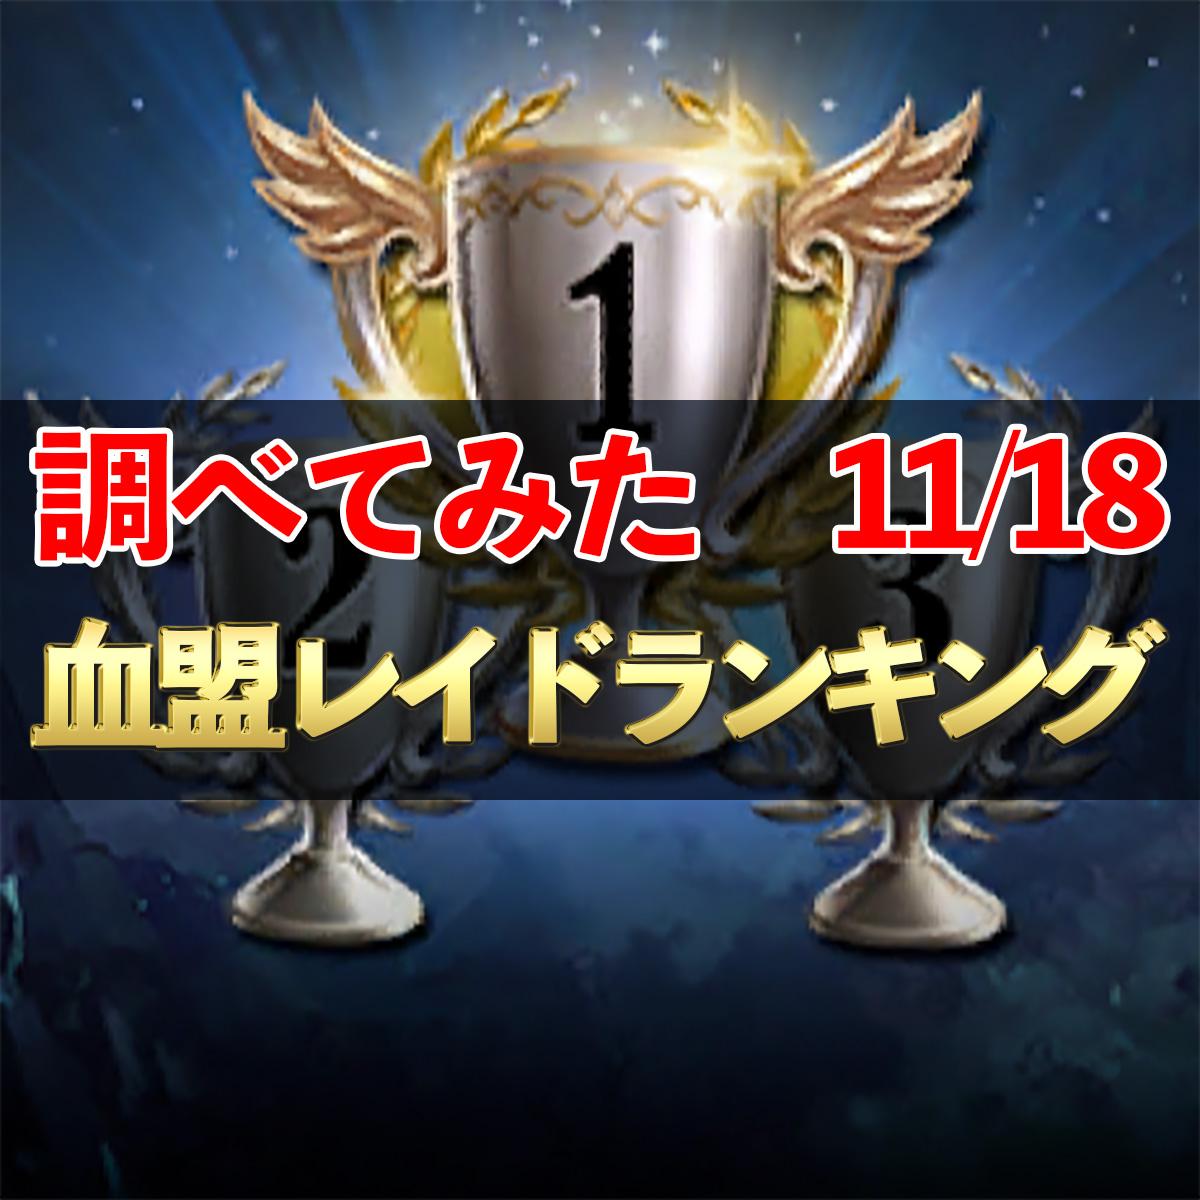 【リネレボ】血盟レイドランキング 詳しく調べてみた 11/18